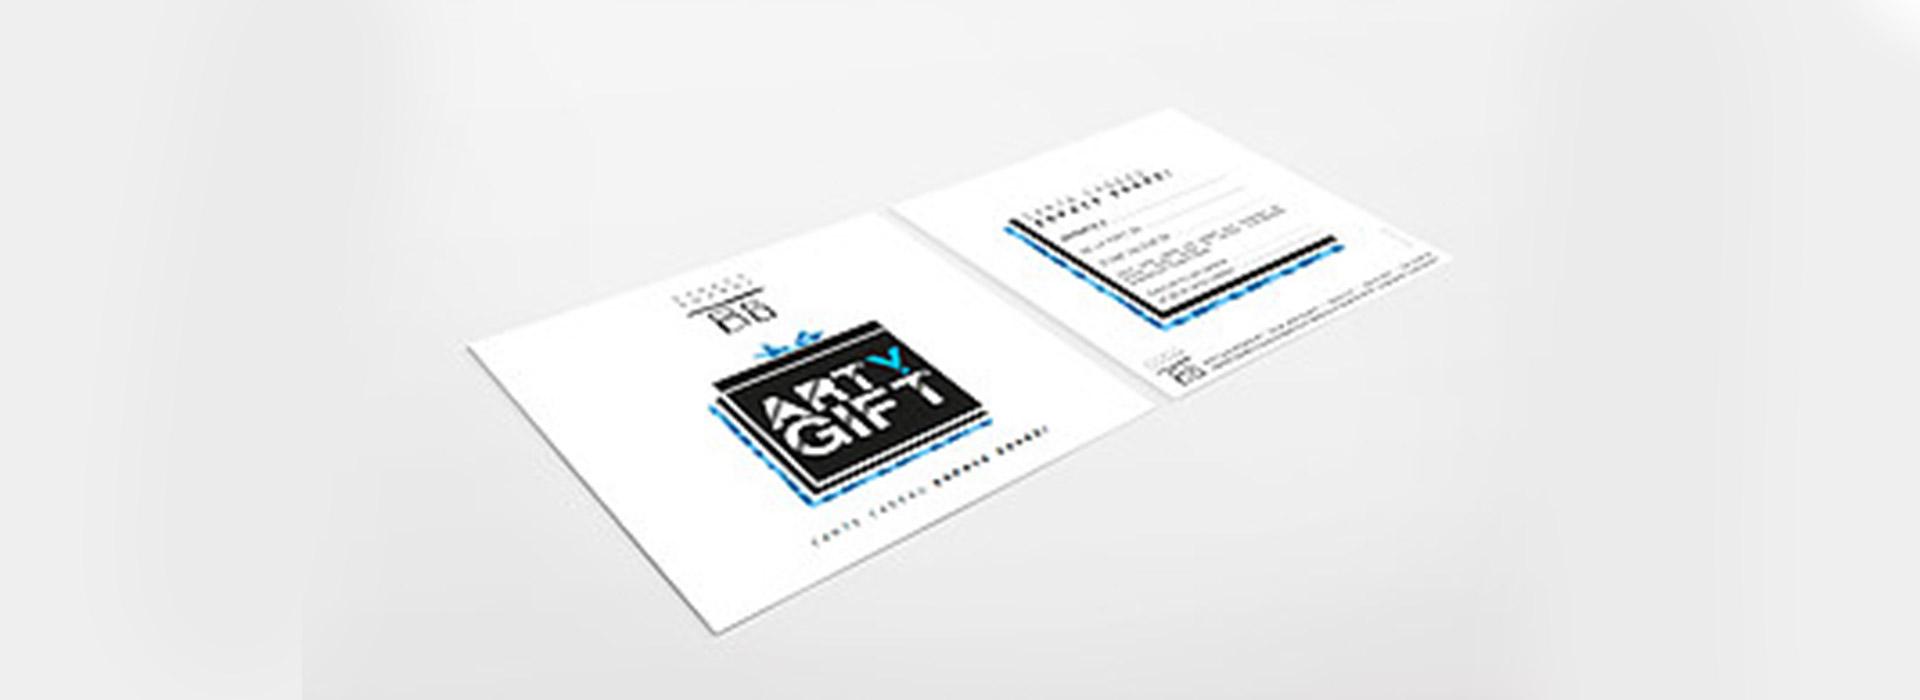 http://agence-adsolue-carte-cadeau-espace-soardi-paysage-web